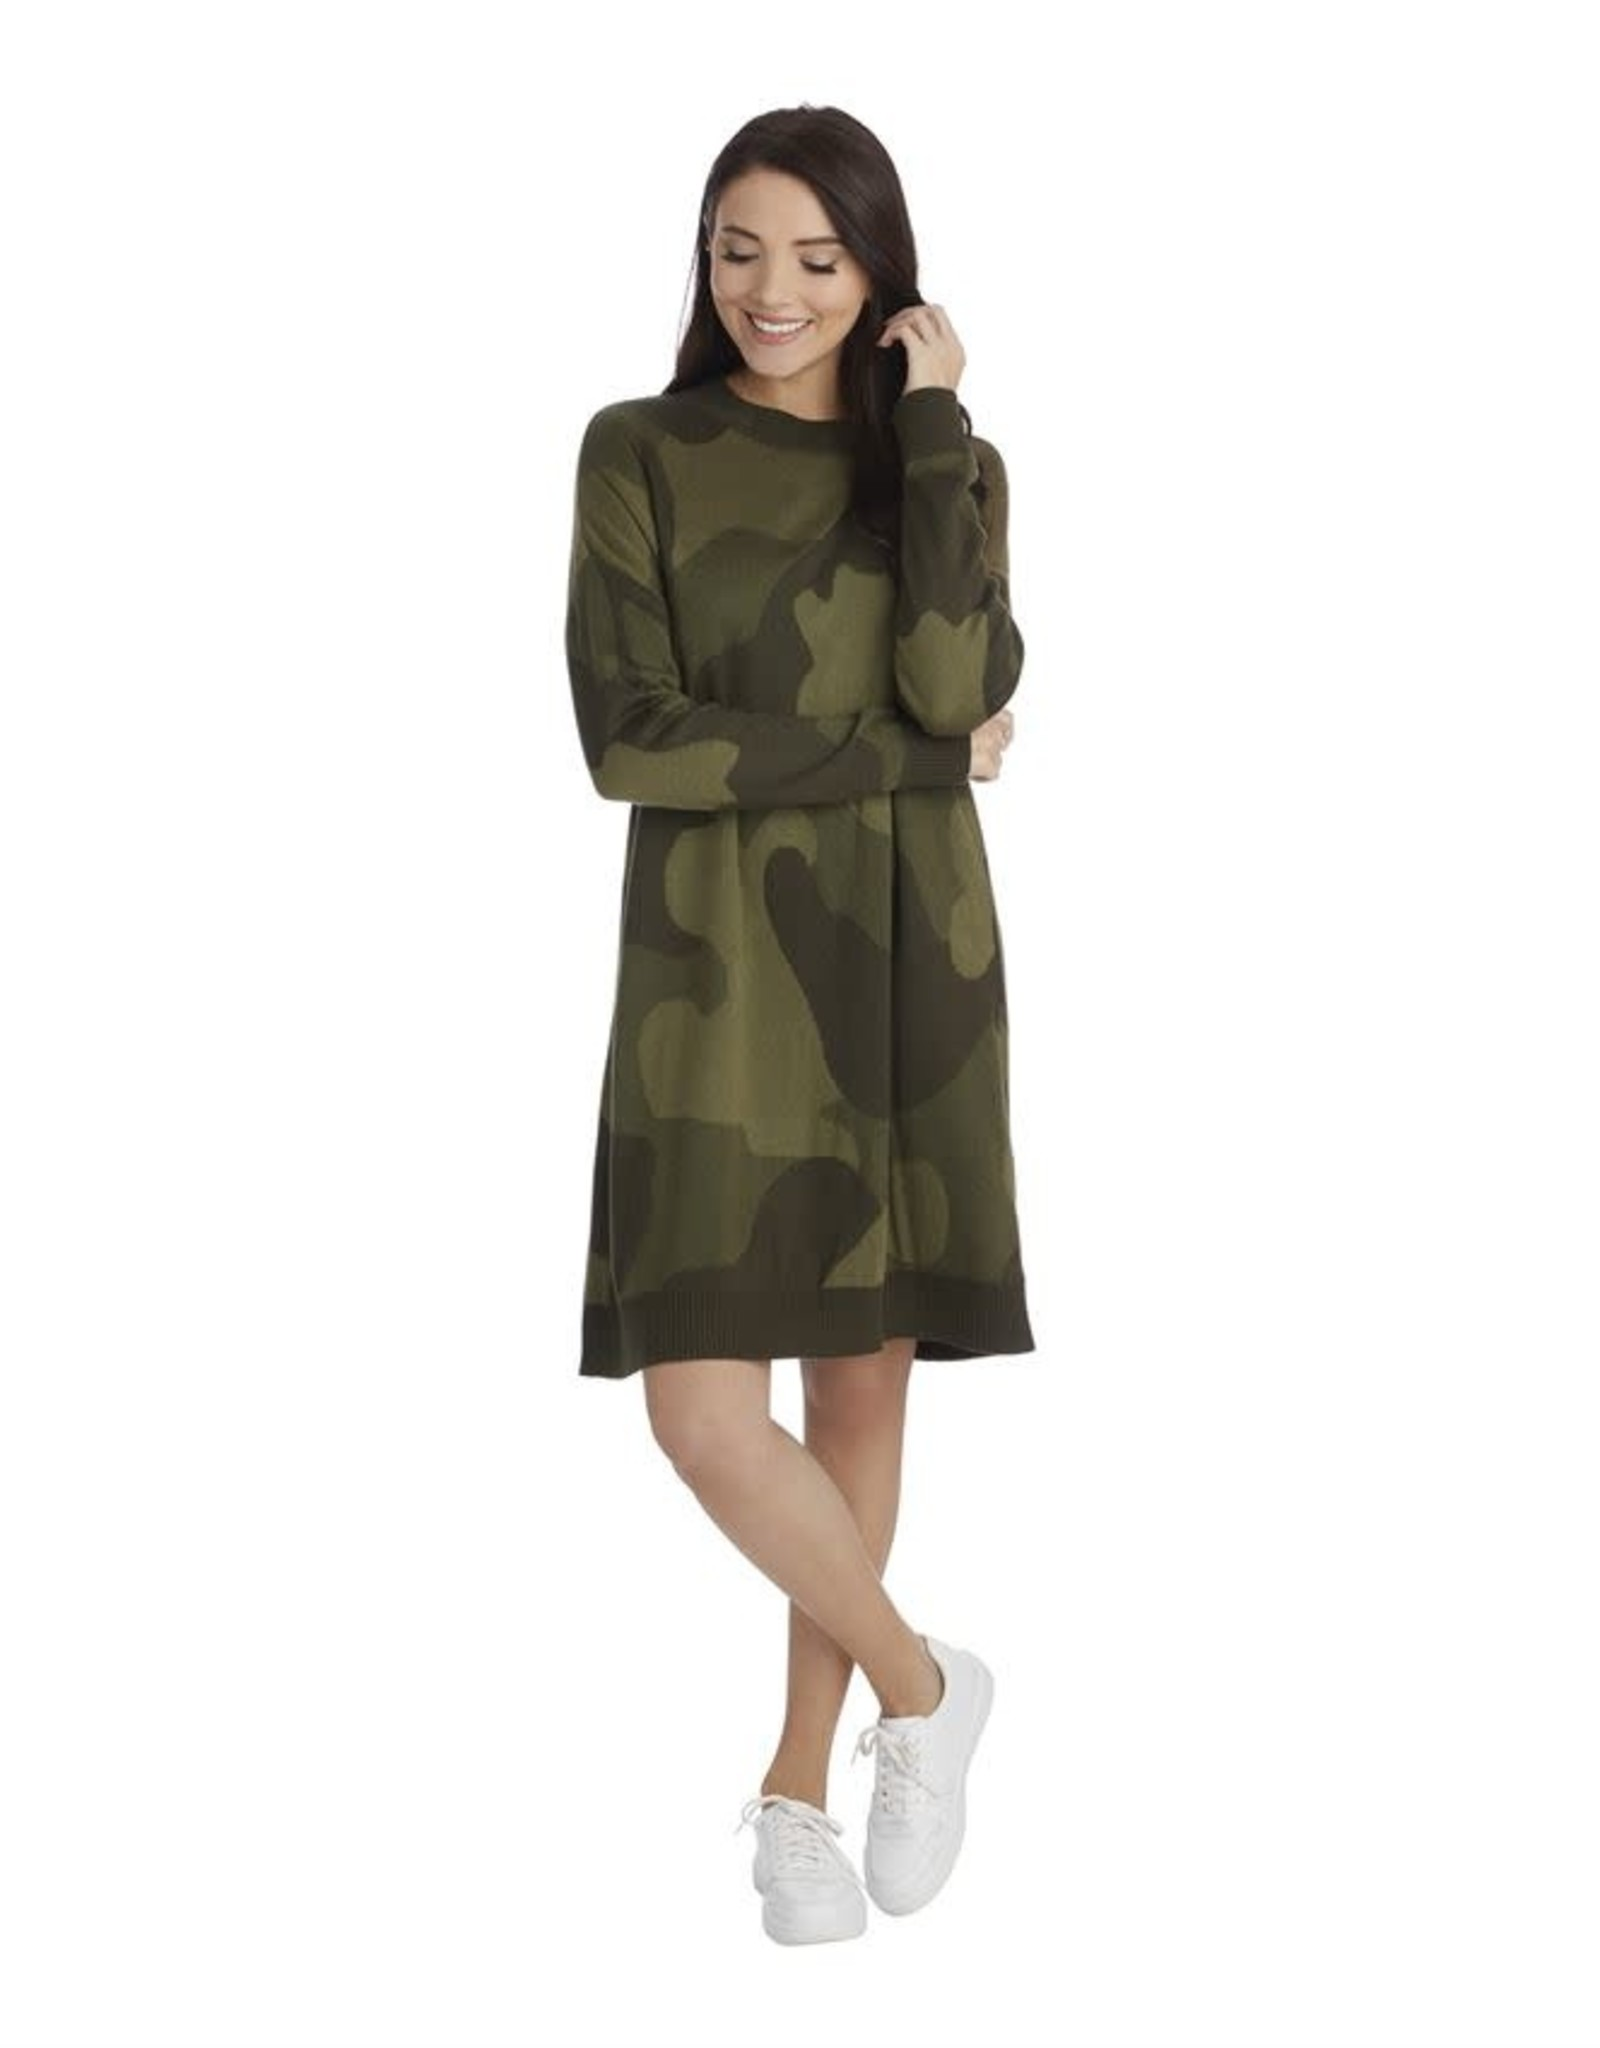 MudPie MudPie Hathaway Sweater Dress